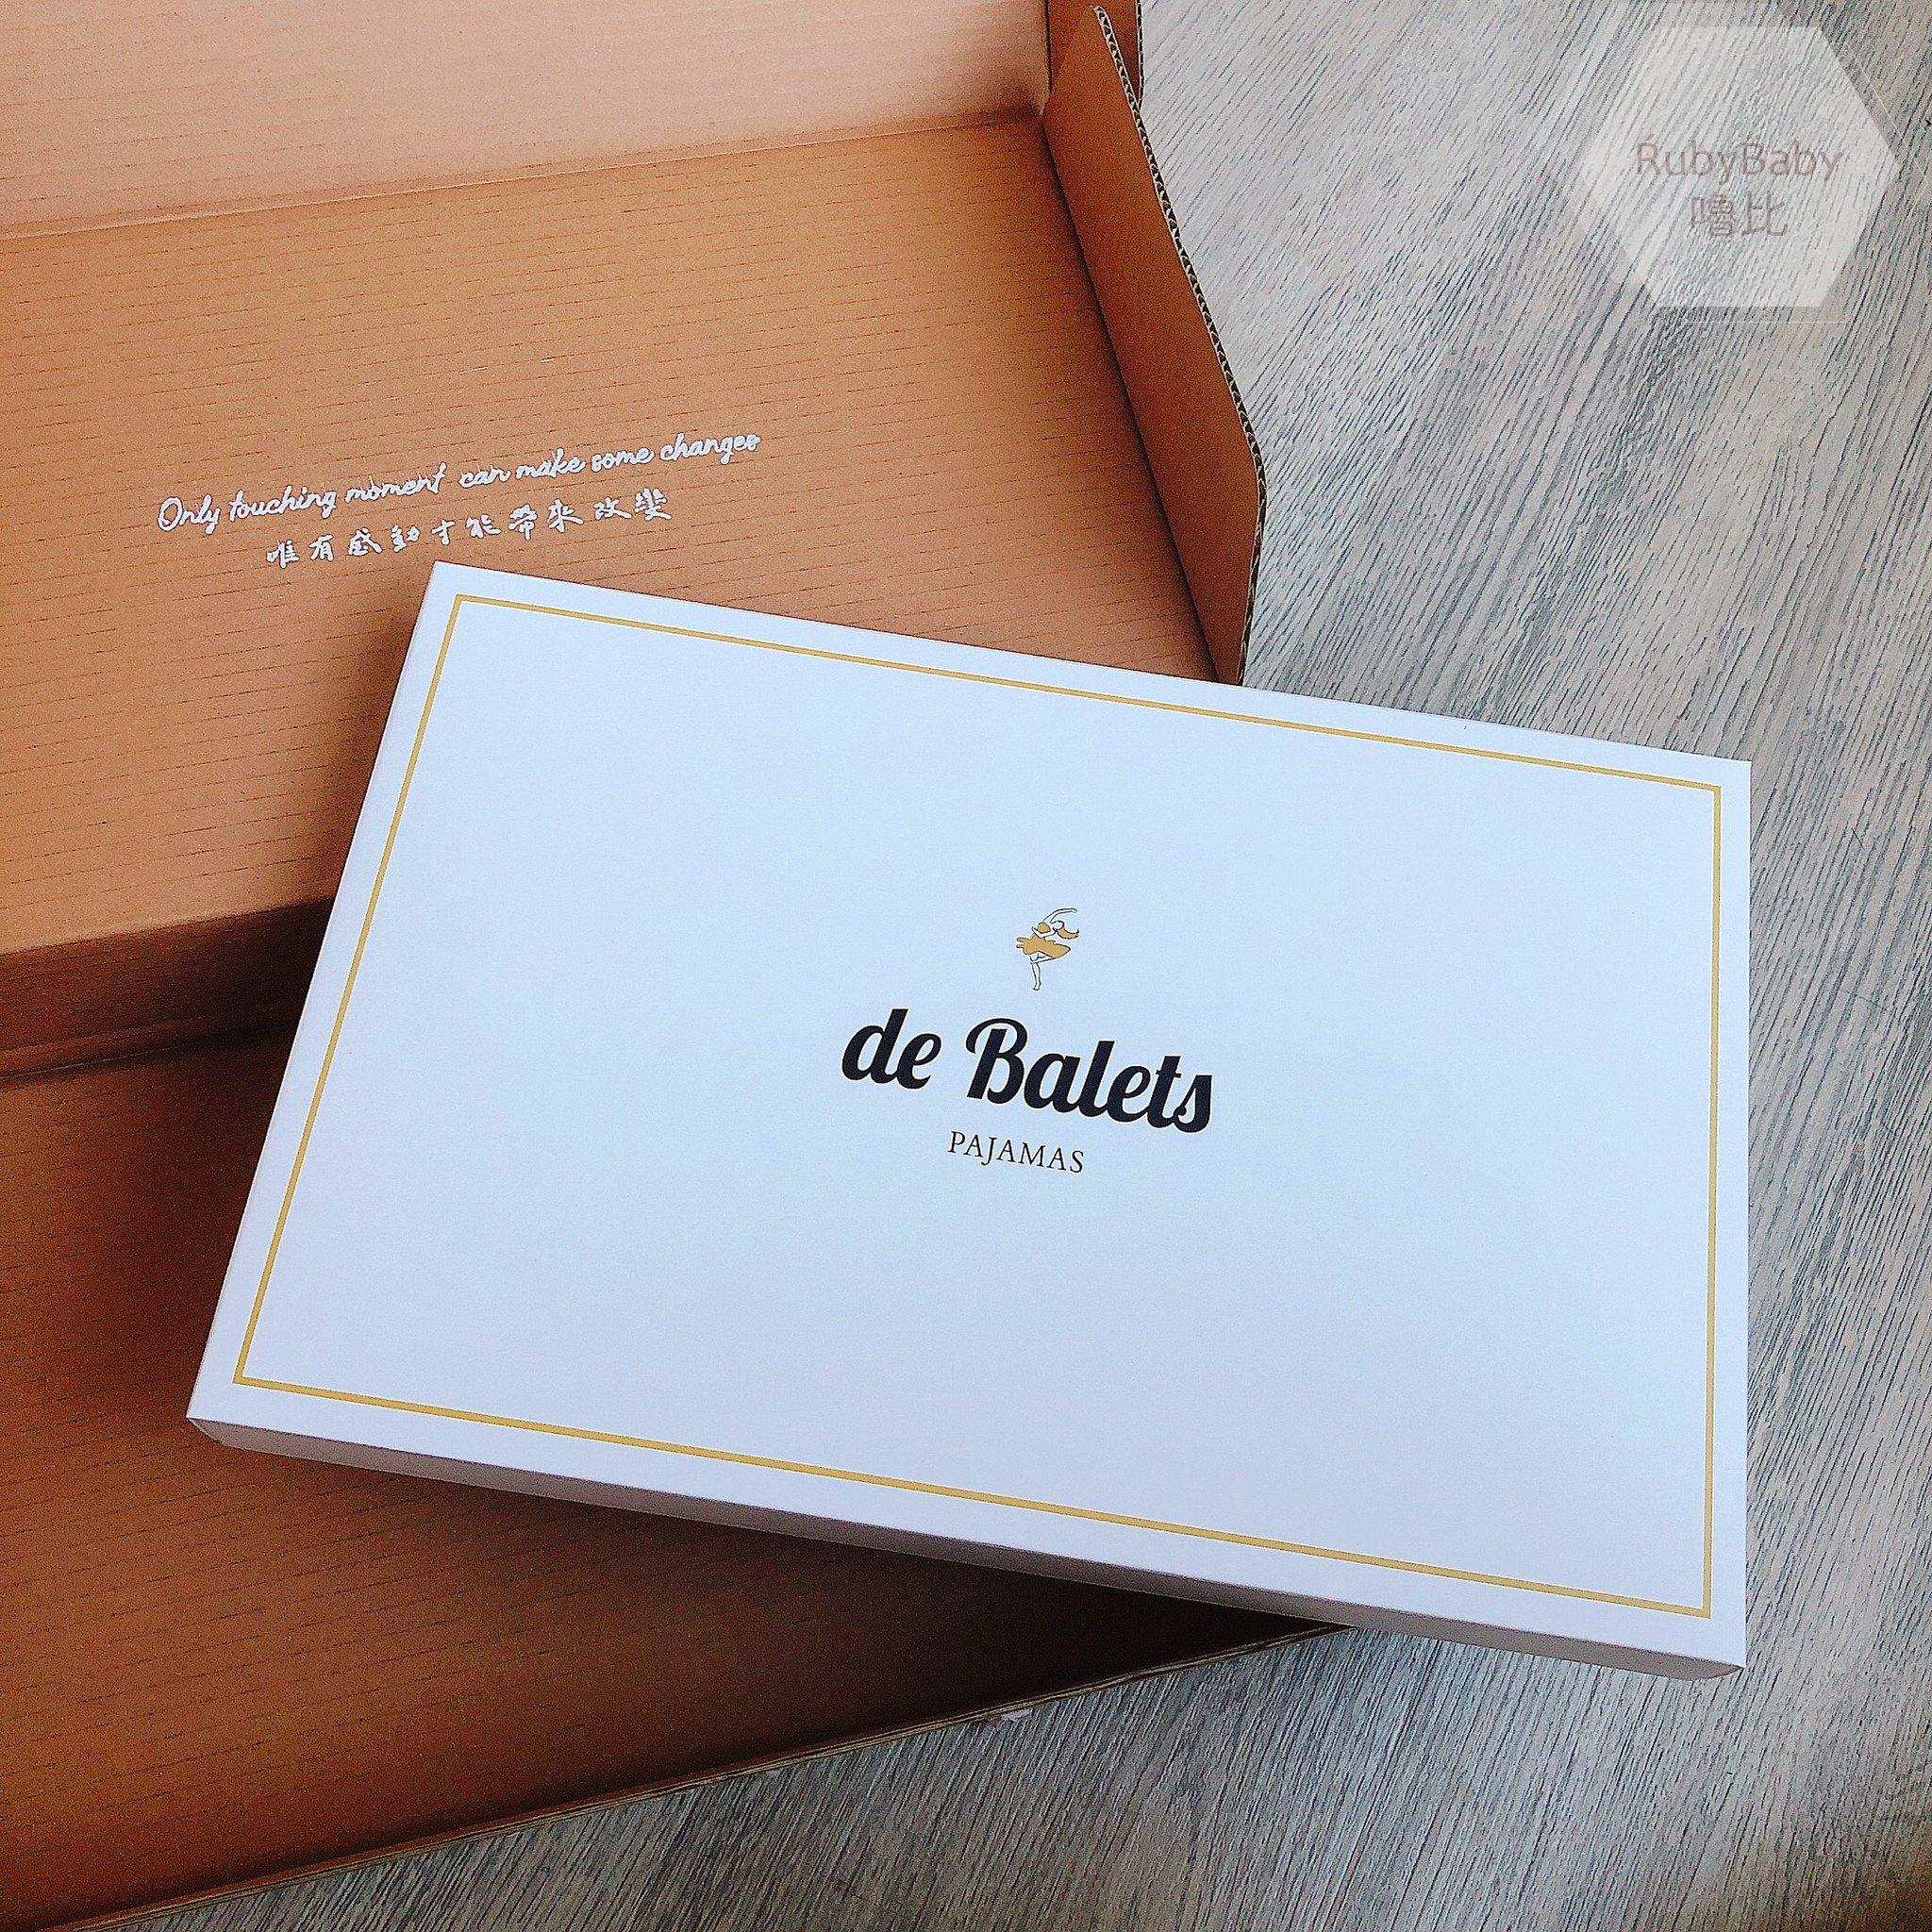 de Balets小巴黎是一個很重視儀式感的品牌